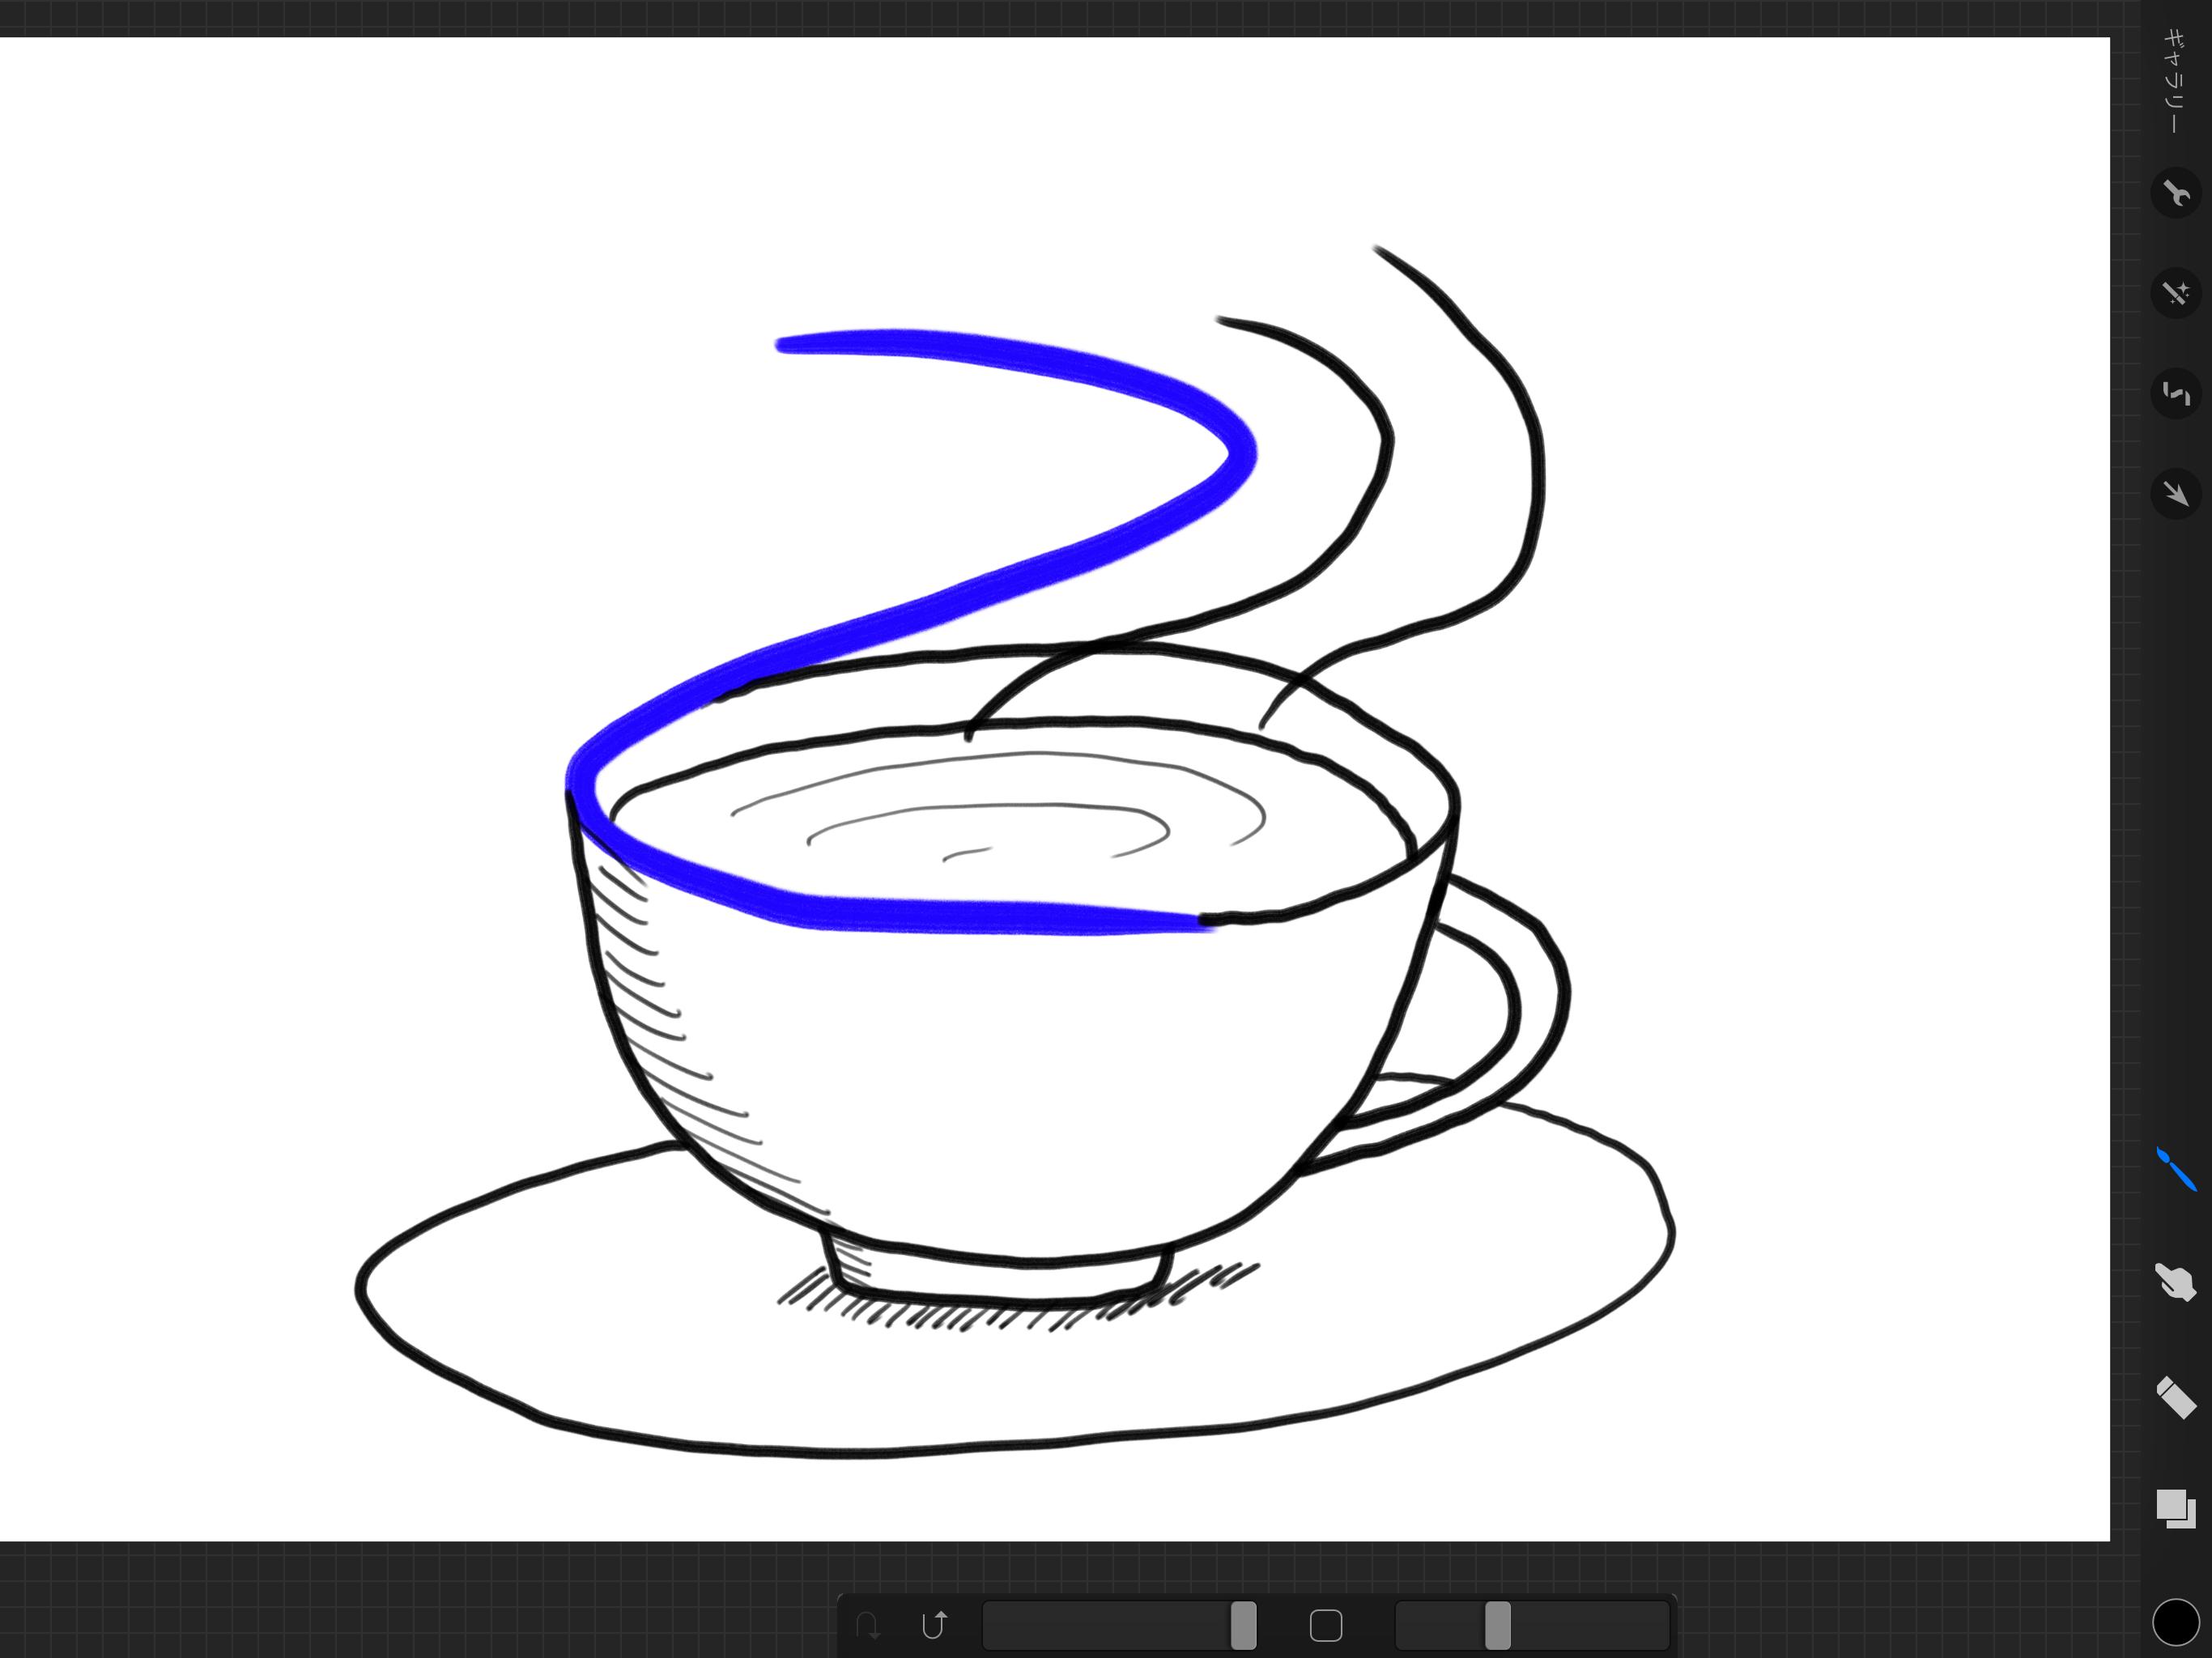 湯気のたつカップ